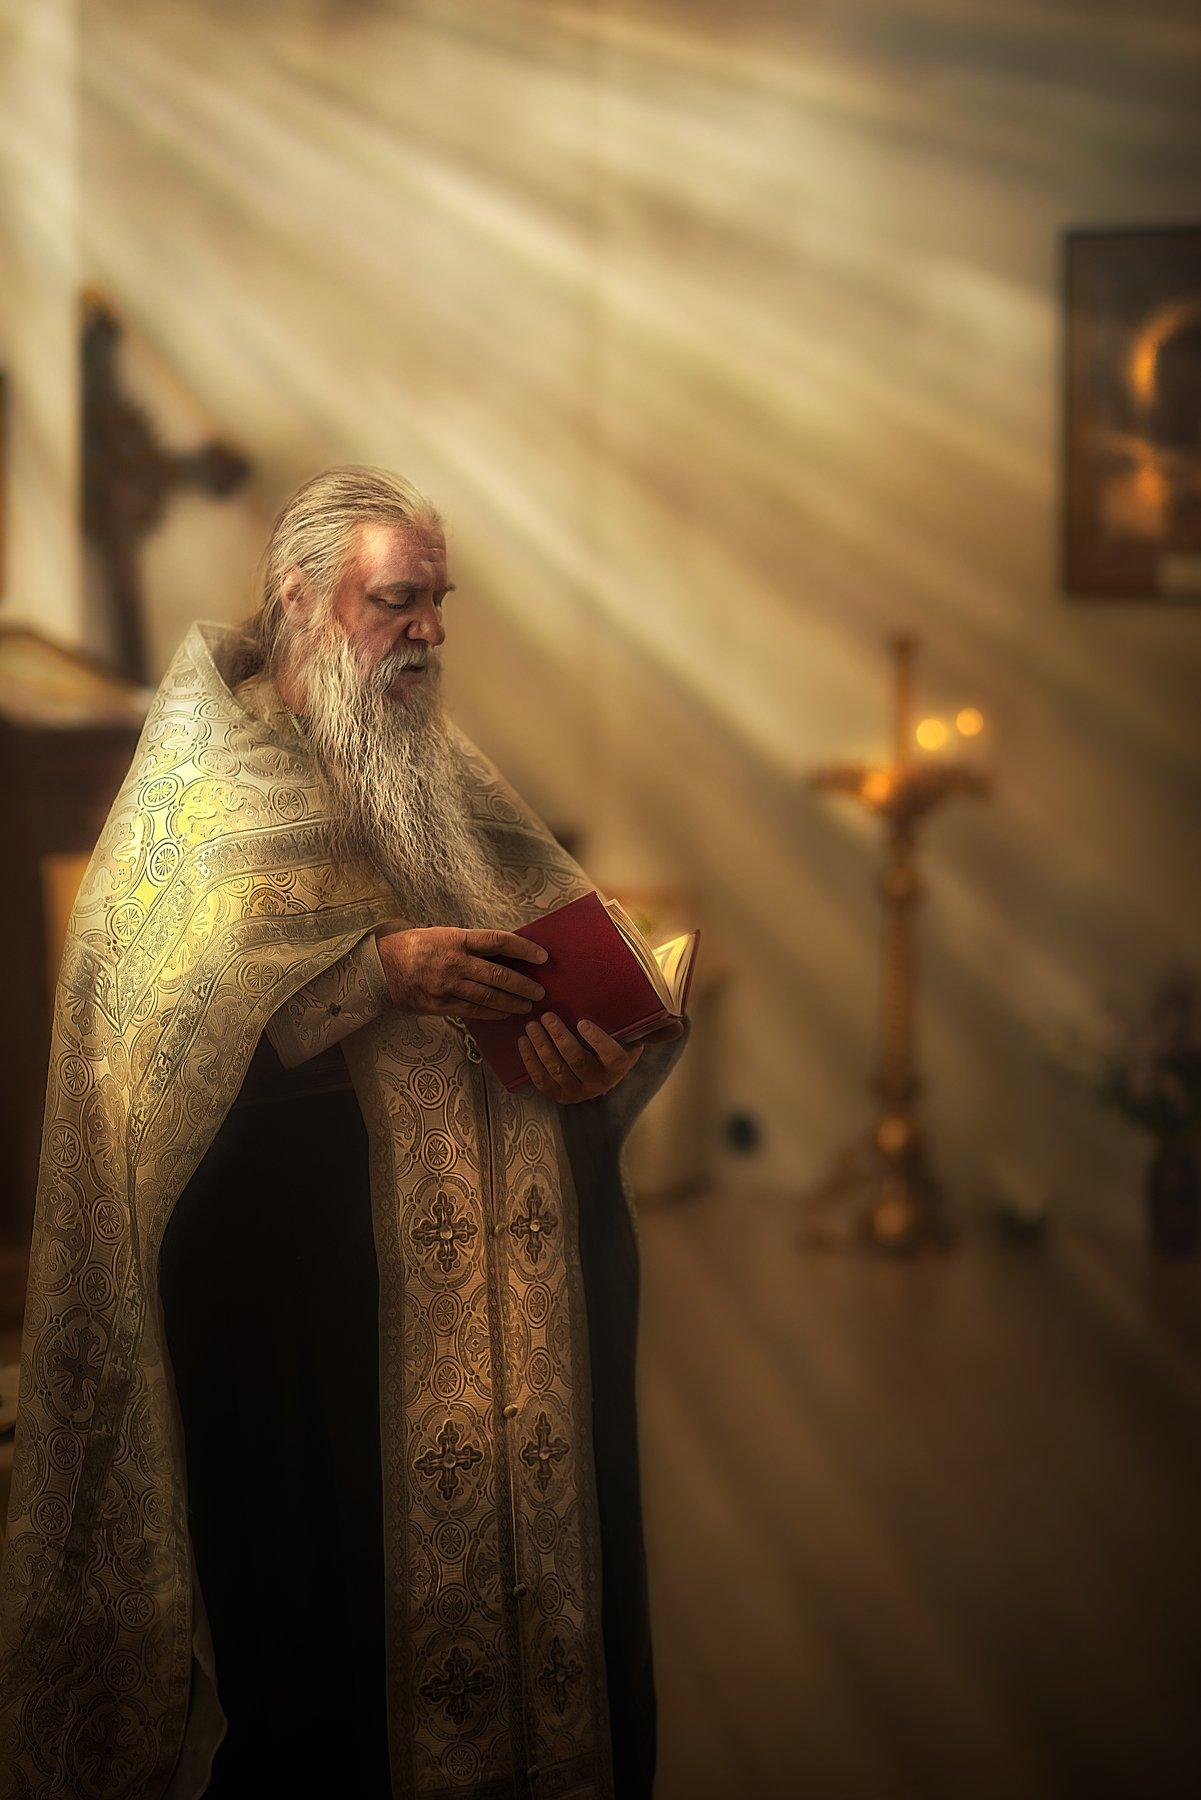 вера, православие,церковь,light ,church, religion, christianity, Сергей Нестеров